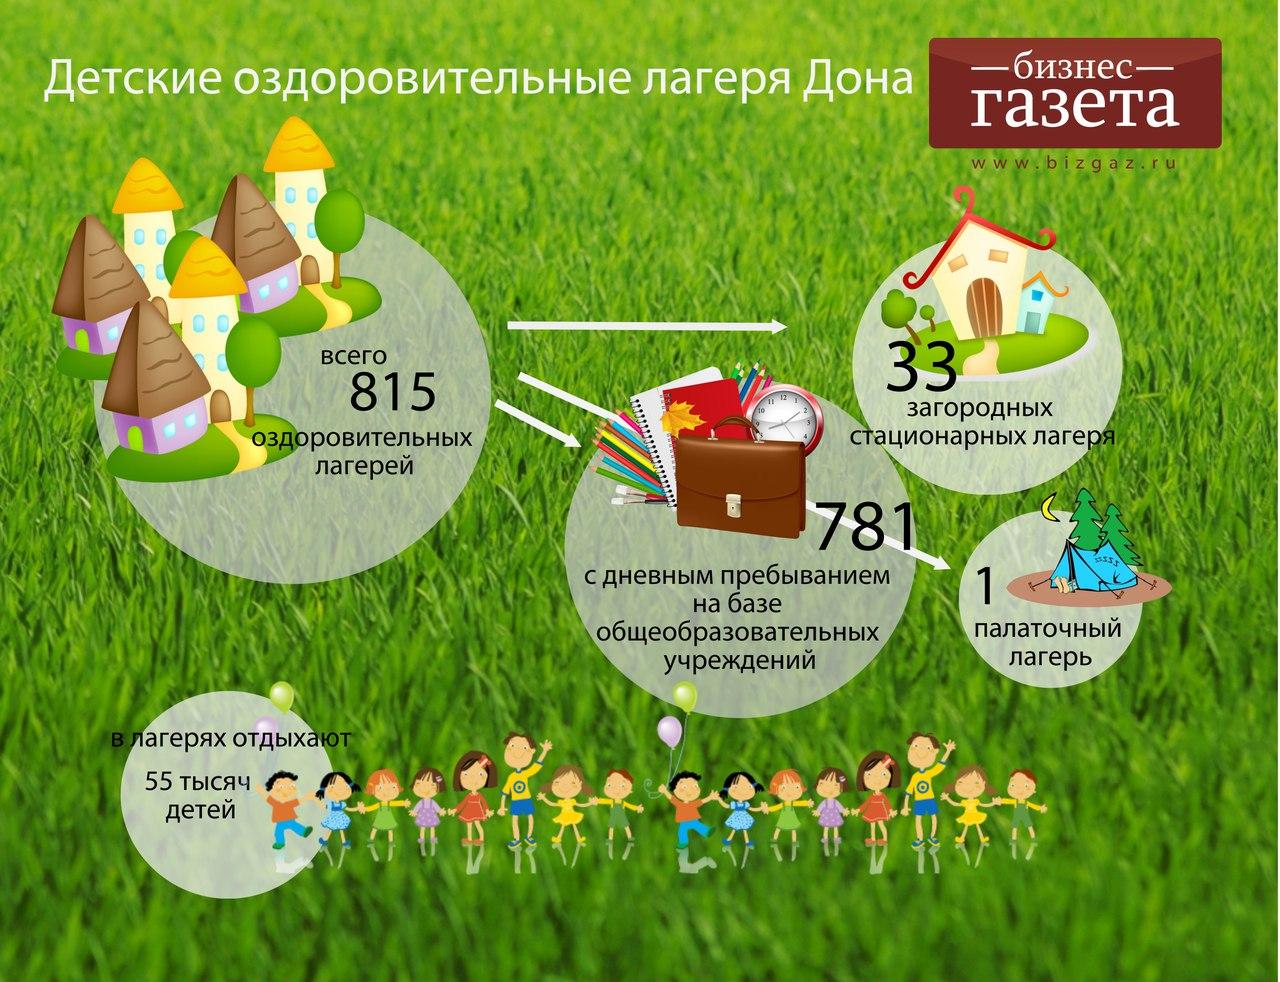 Инфографика: Детские оздоровительные лагеря на Дону